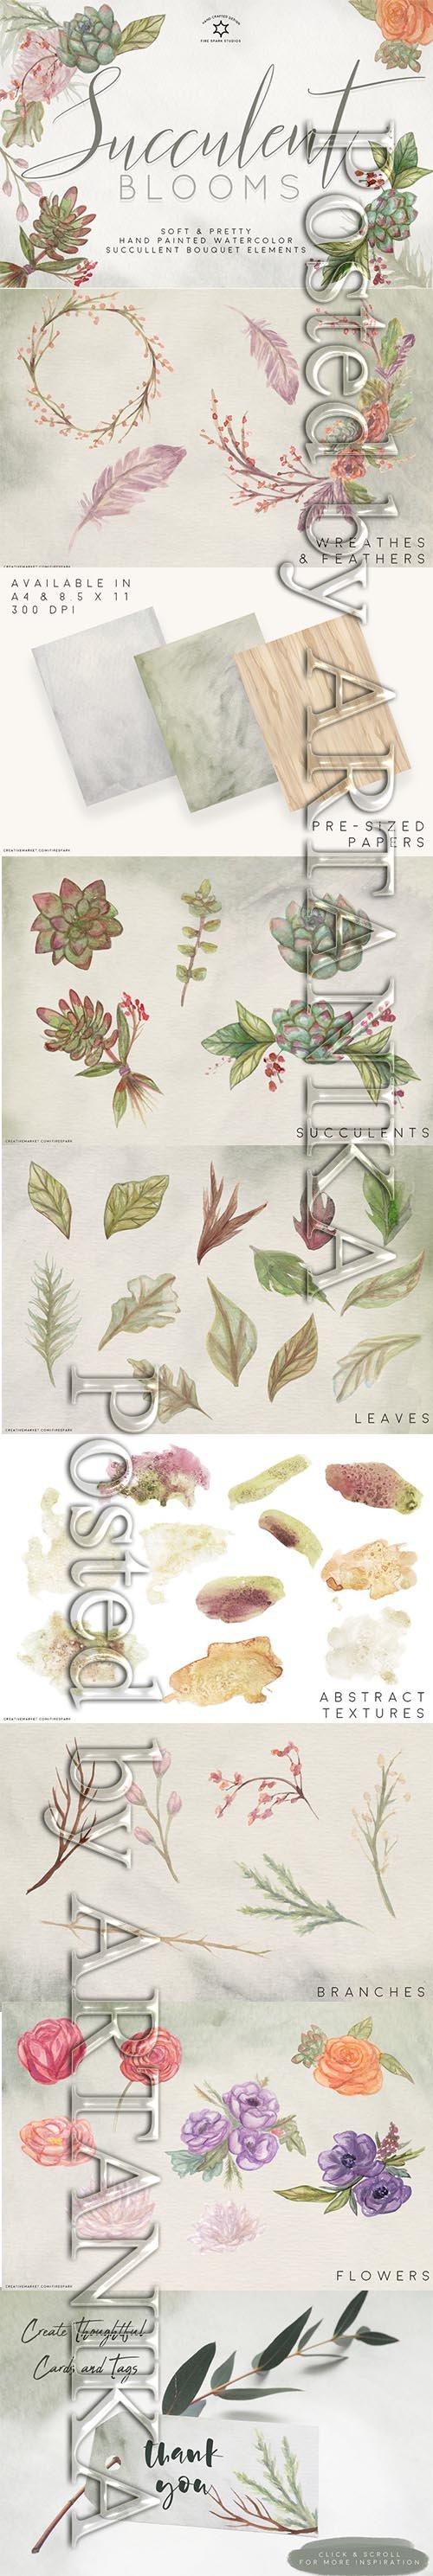 Succulent Bouquets Design Kit 2431142